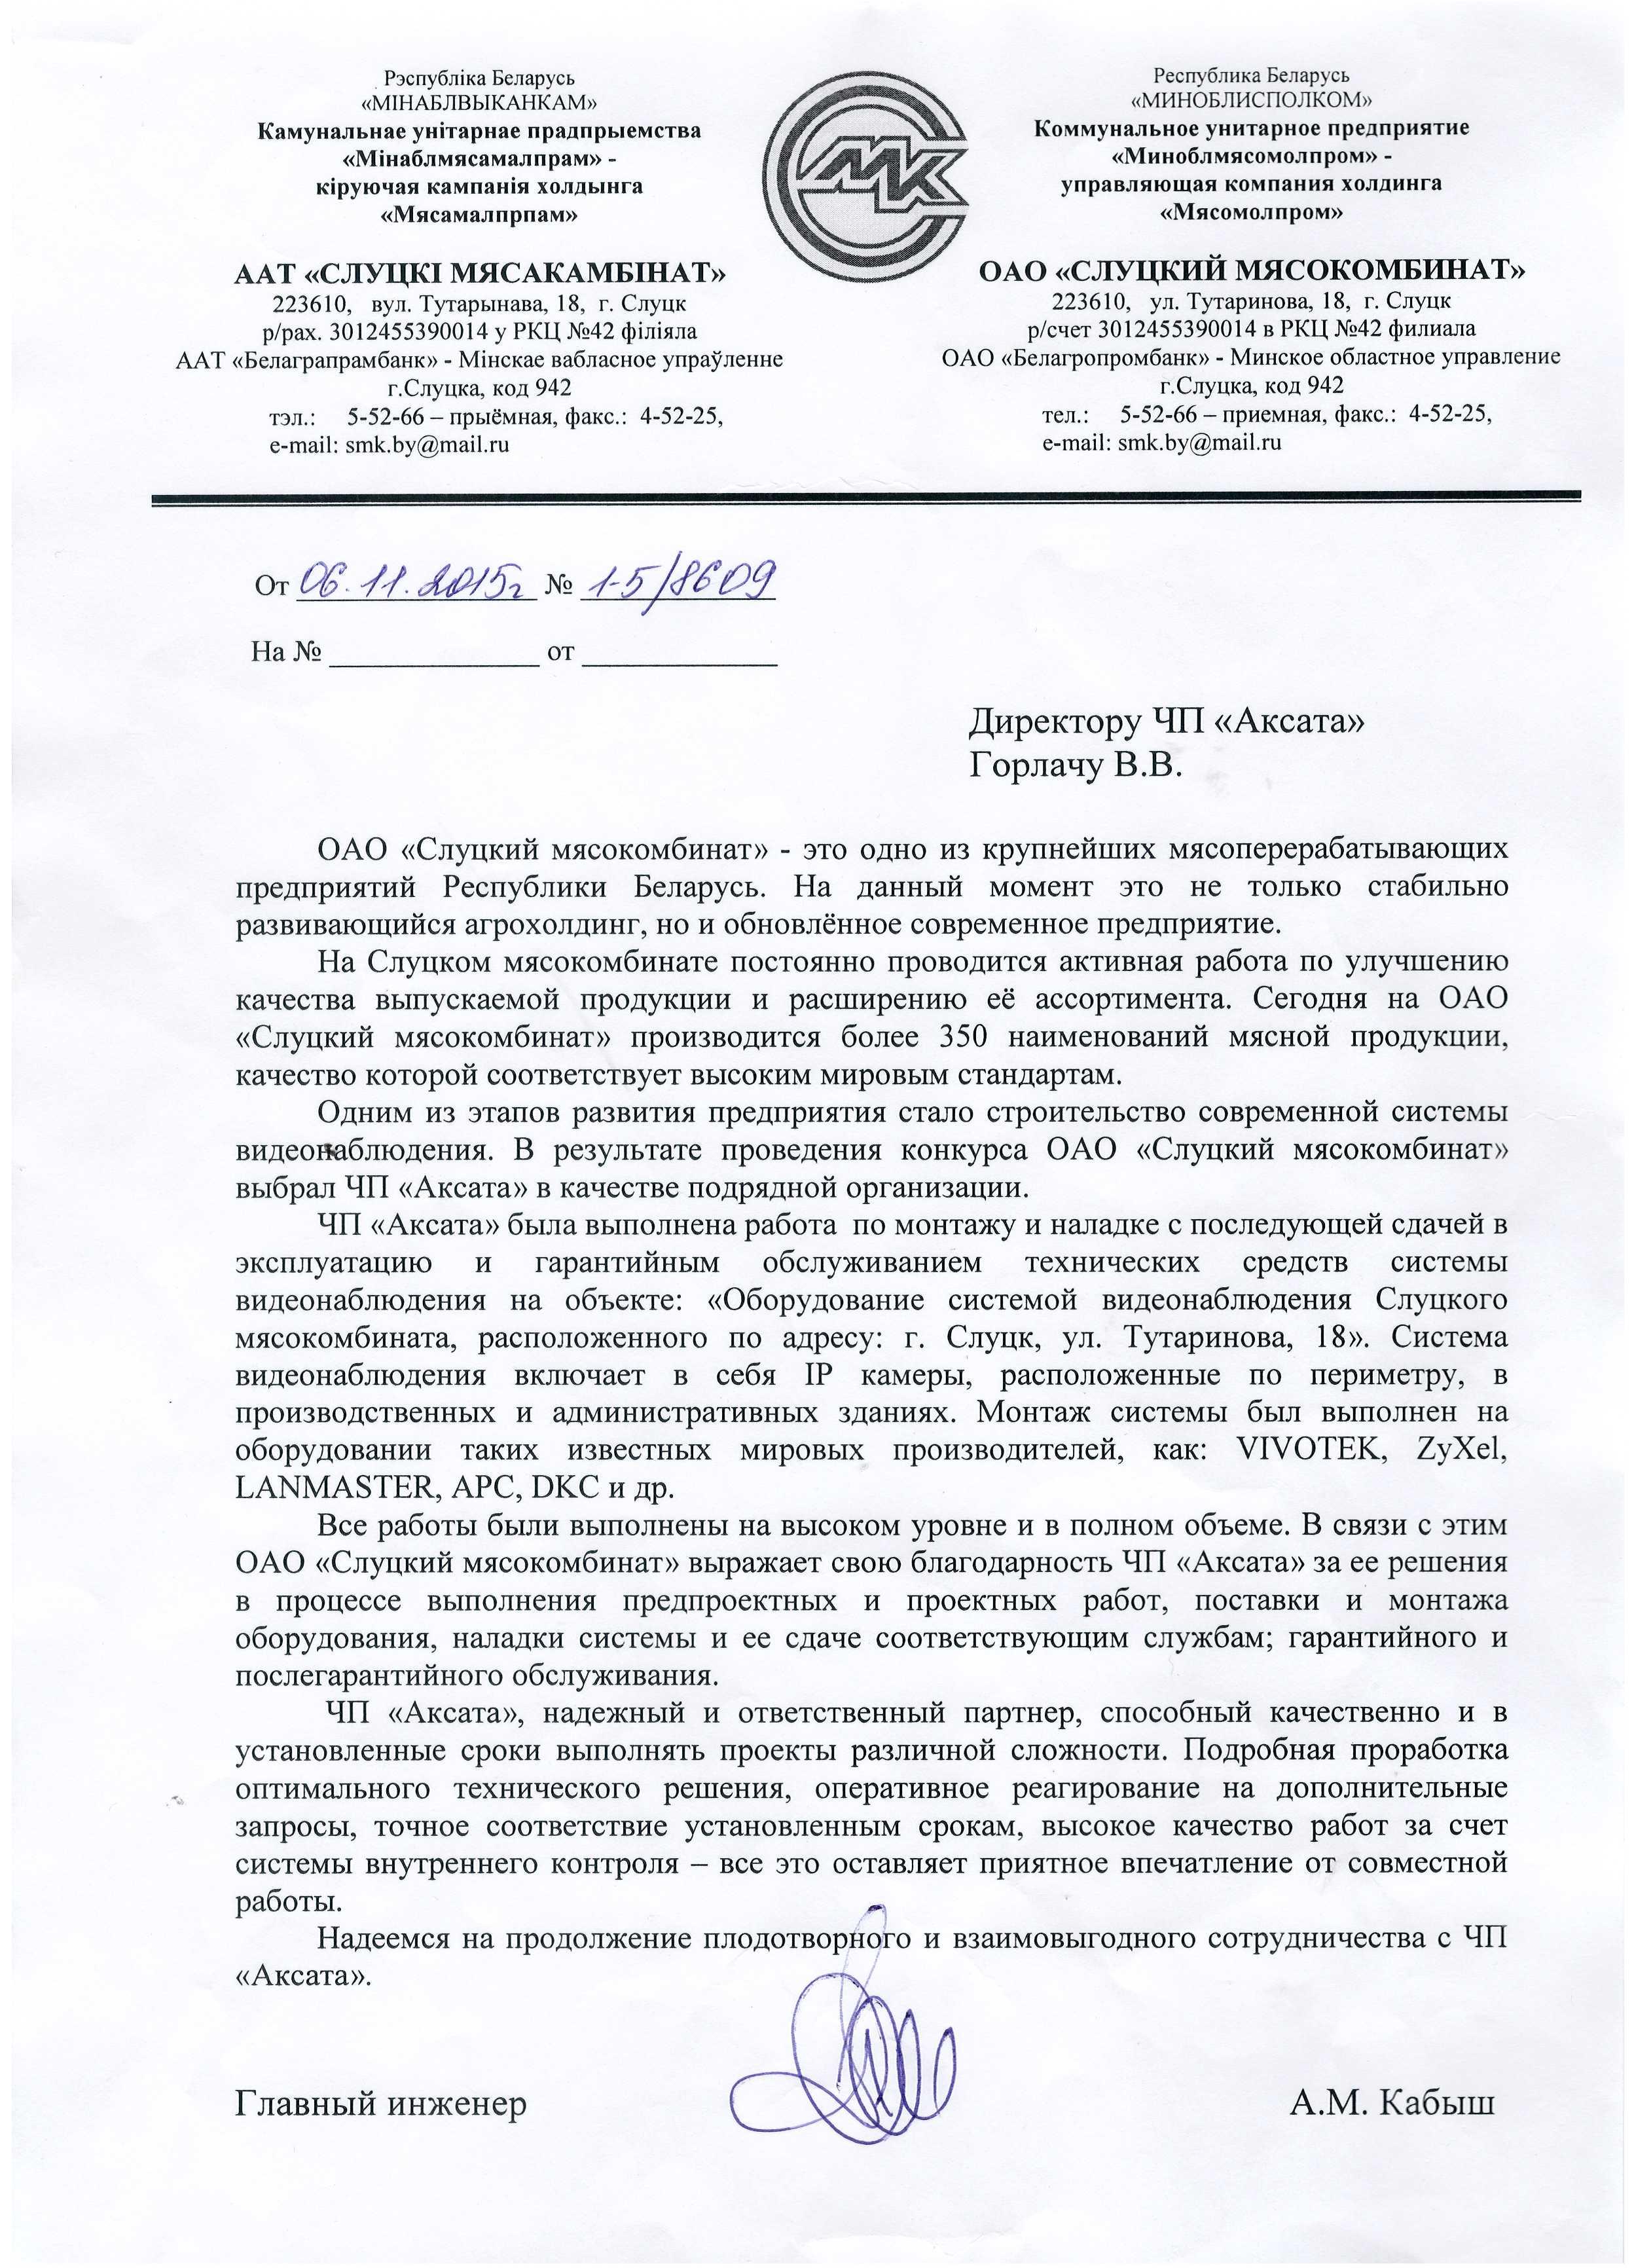 отзыв Слуцкий мясокомбинат, отзыв компания Аксата